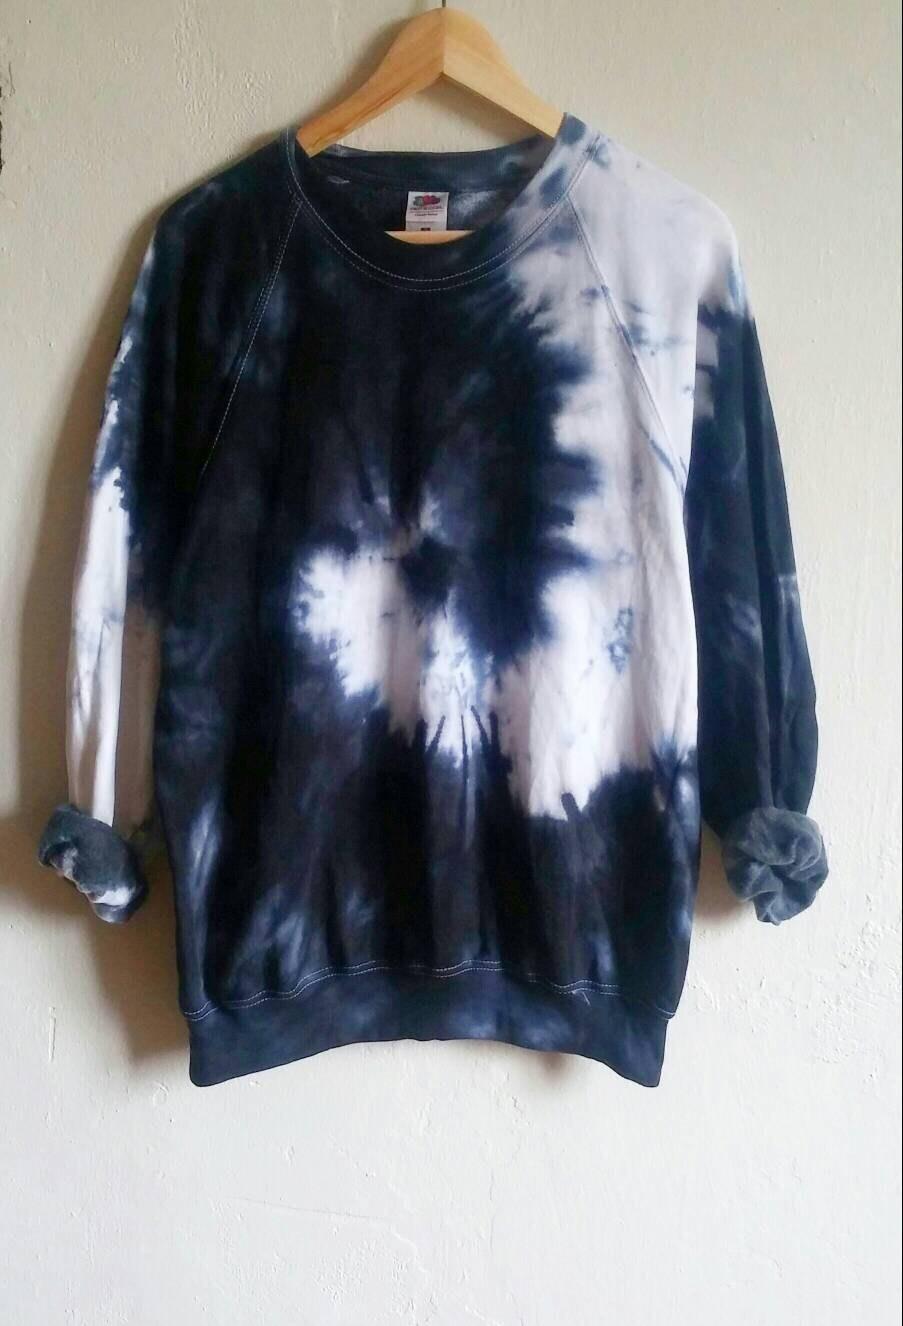 The Black Snake Tie Dye Sweatshirt Tumblr Grunge Hipster